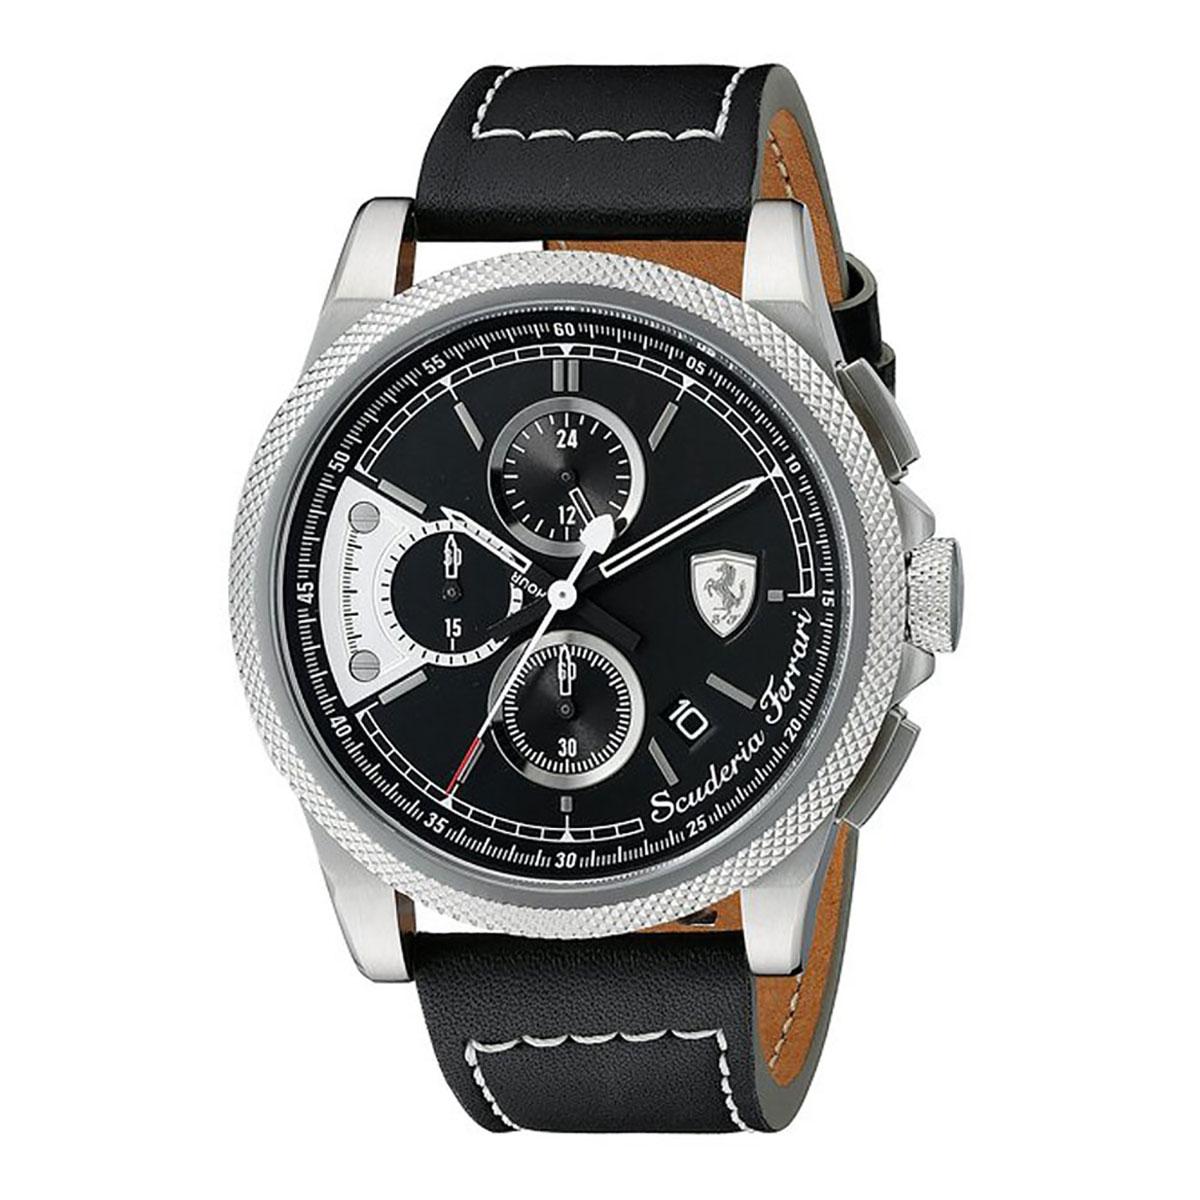 นาฬิกาผู้ชาย Ferrari รุ่น 0830275, Formula Italia